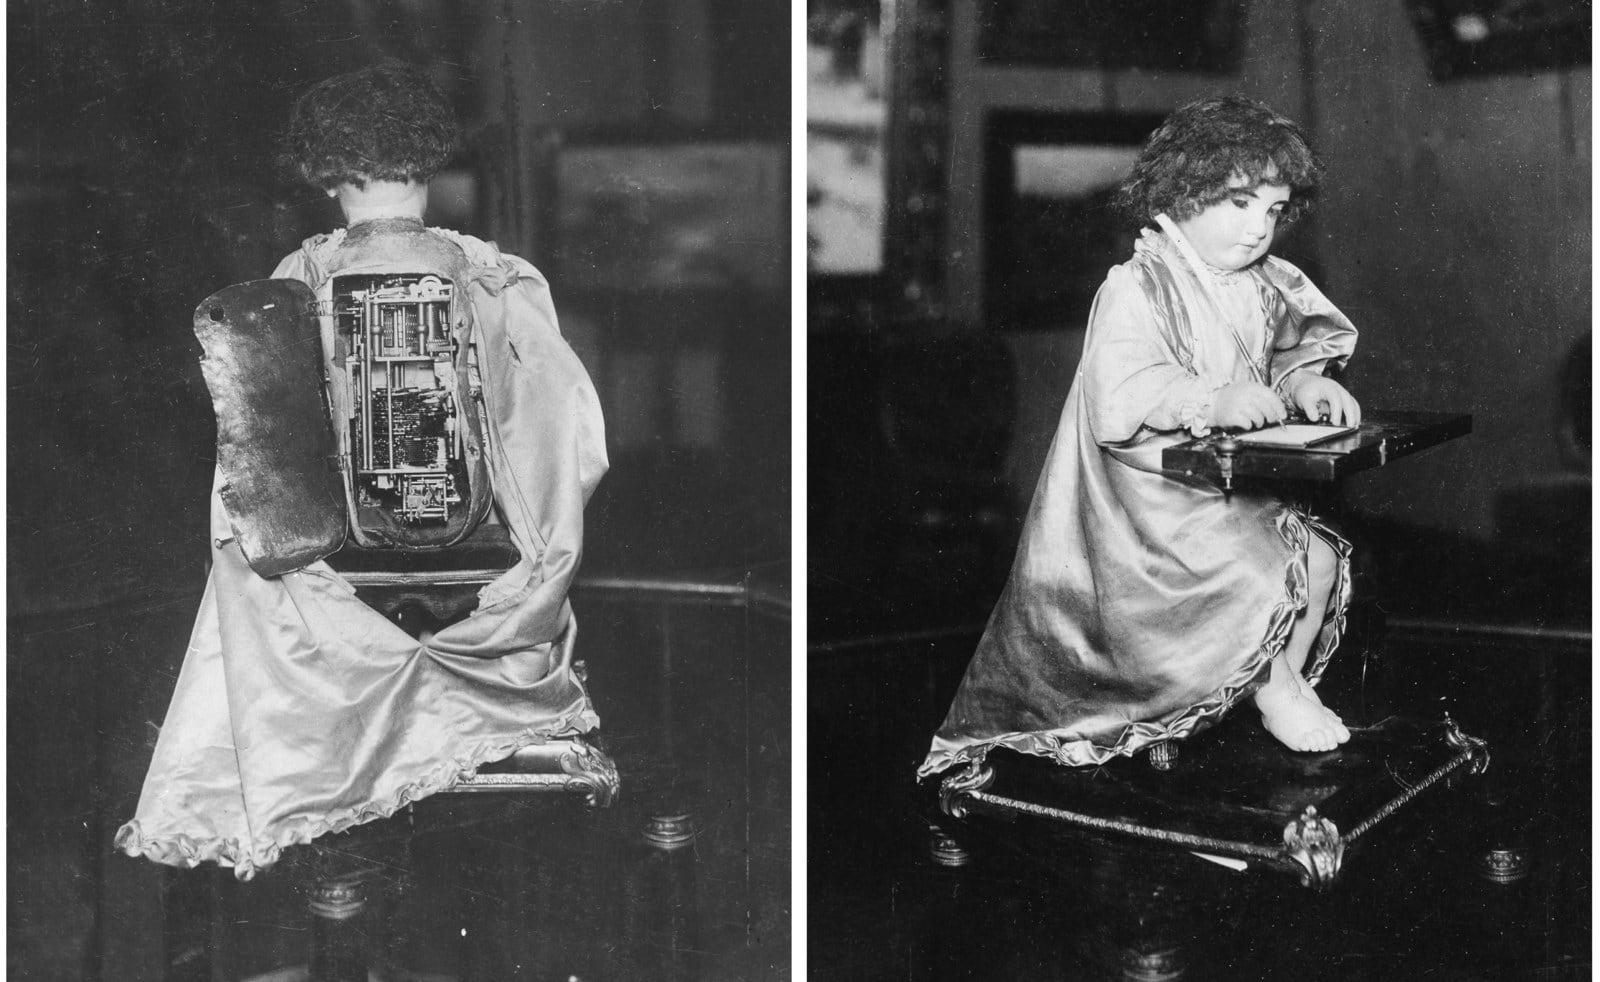 Уютненький портрет ребенка с Крампусом, около 1900 года.